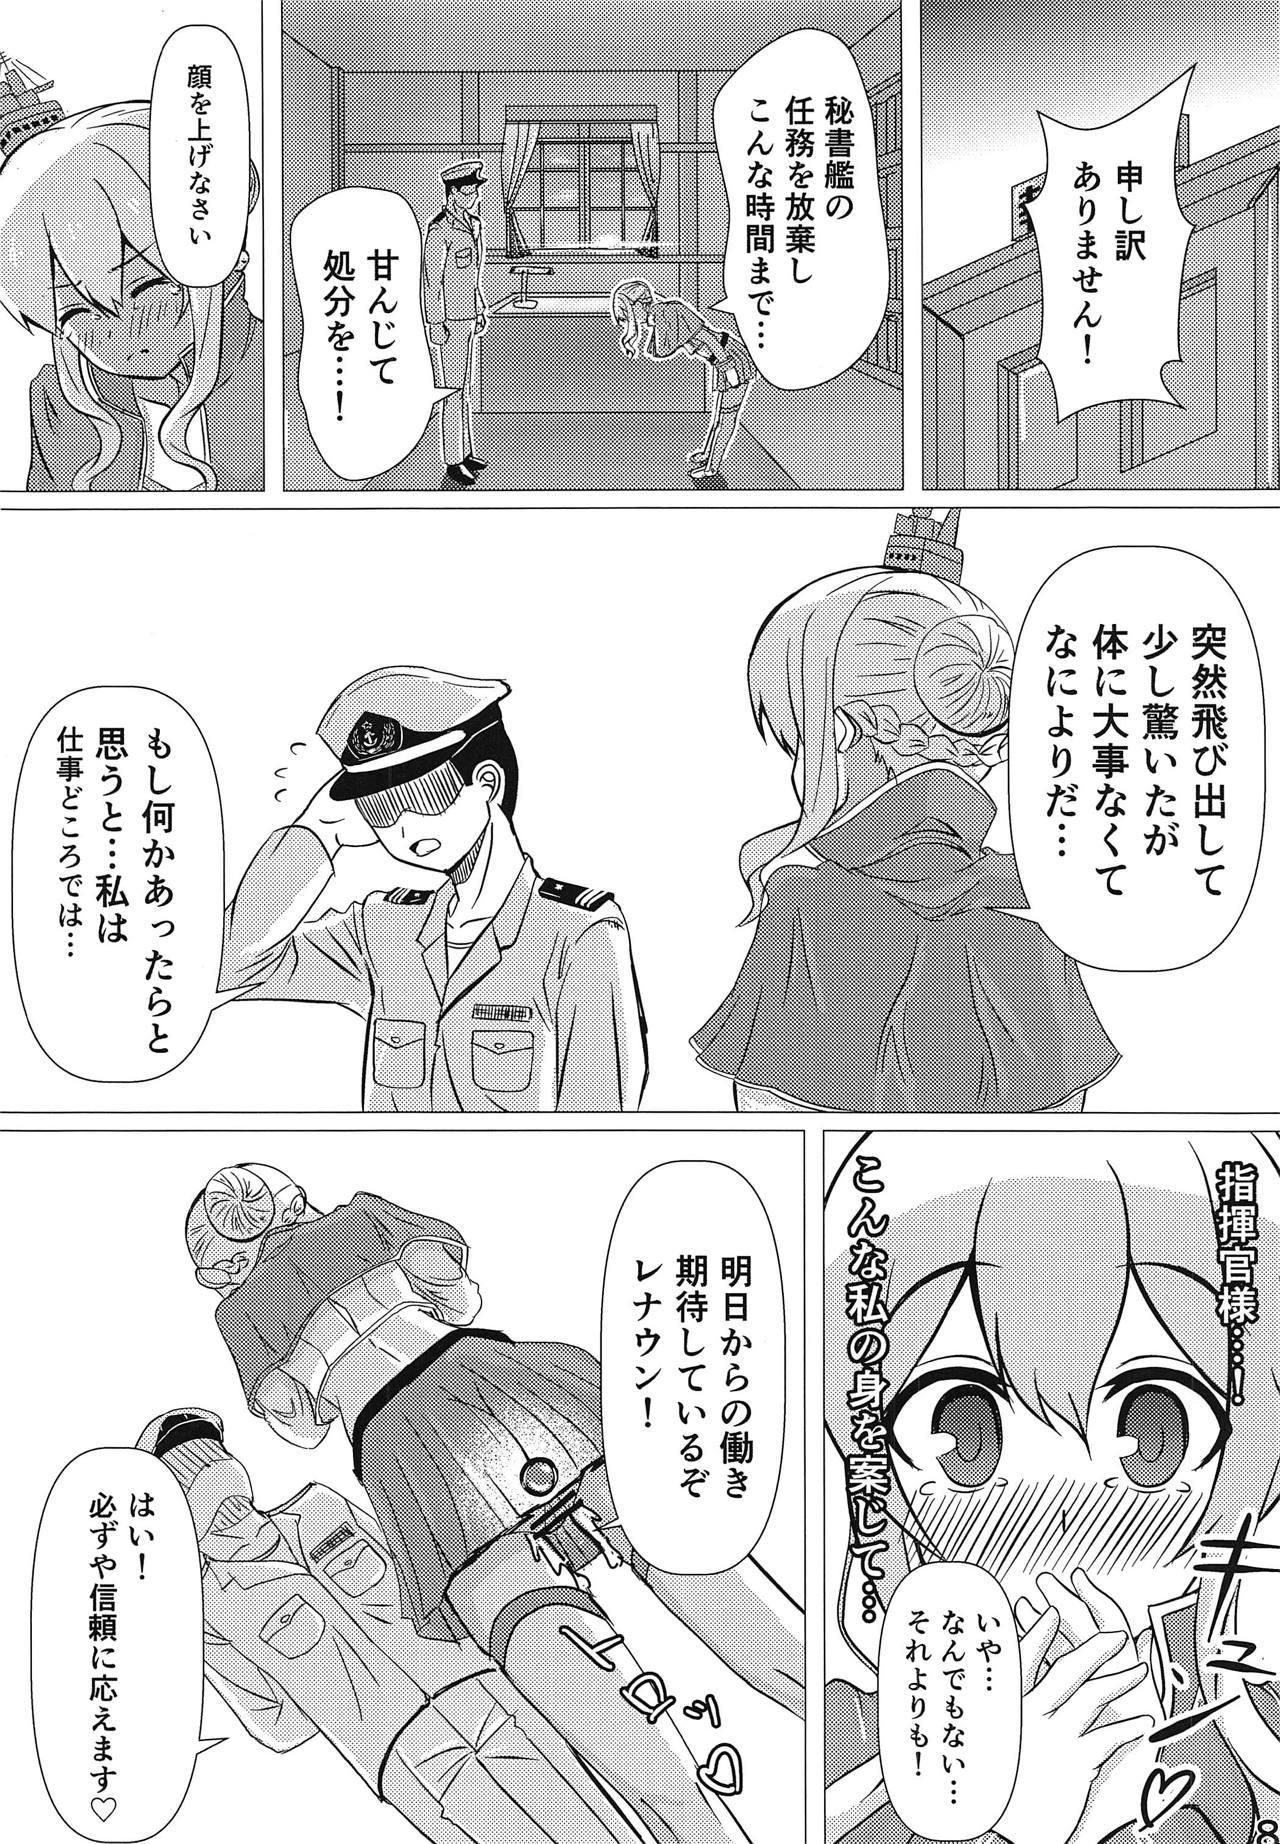 Muttsuri Renown ga Oshiri Ijiri ni Hamaru Hon 8